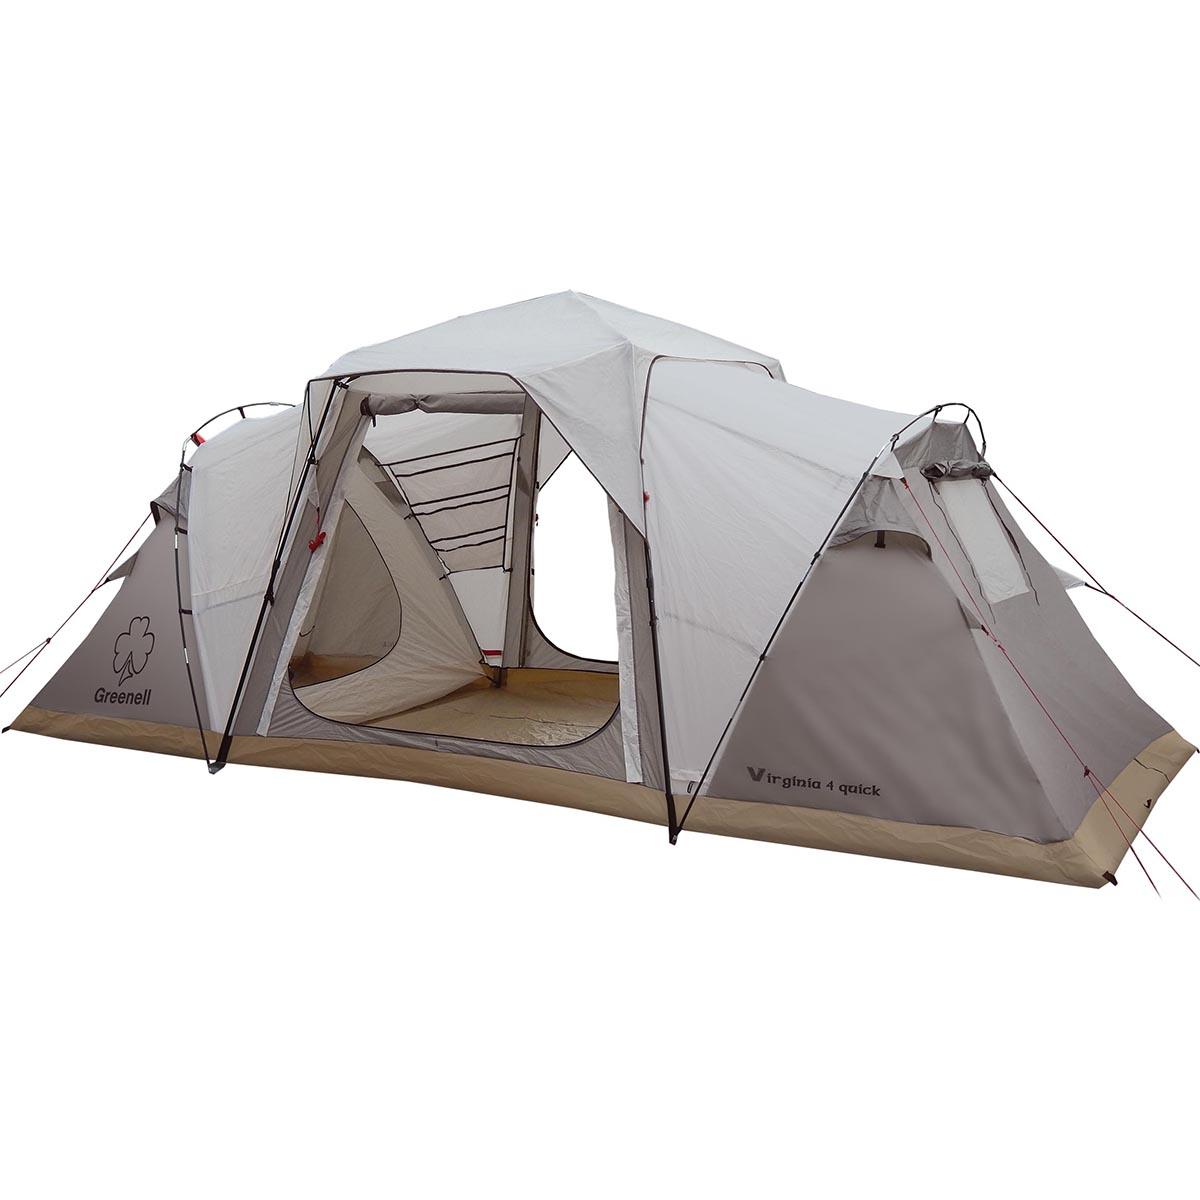 Палатка-автомат Greenell Виржиния 4 квик, цвет: коричневый